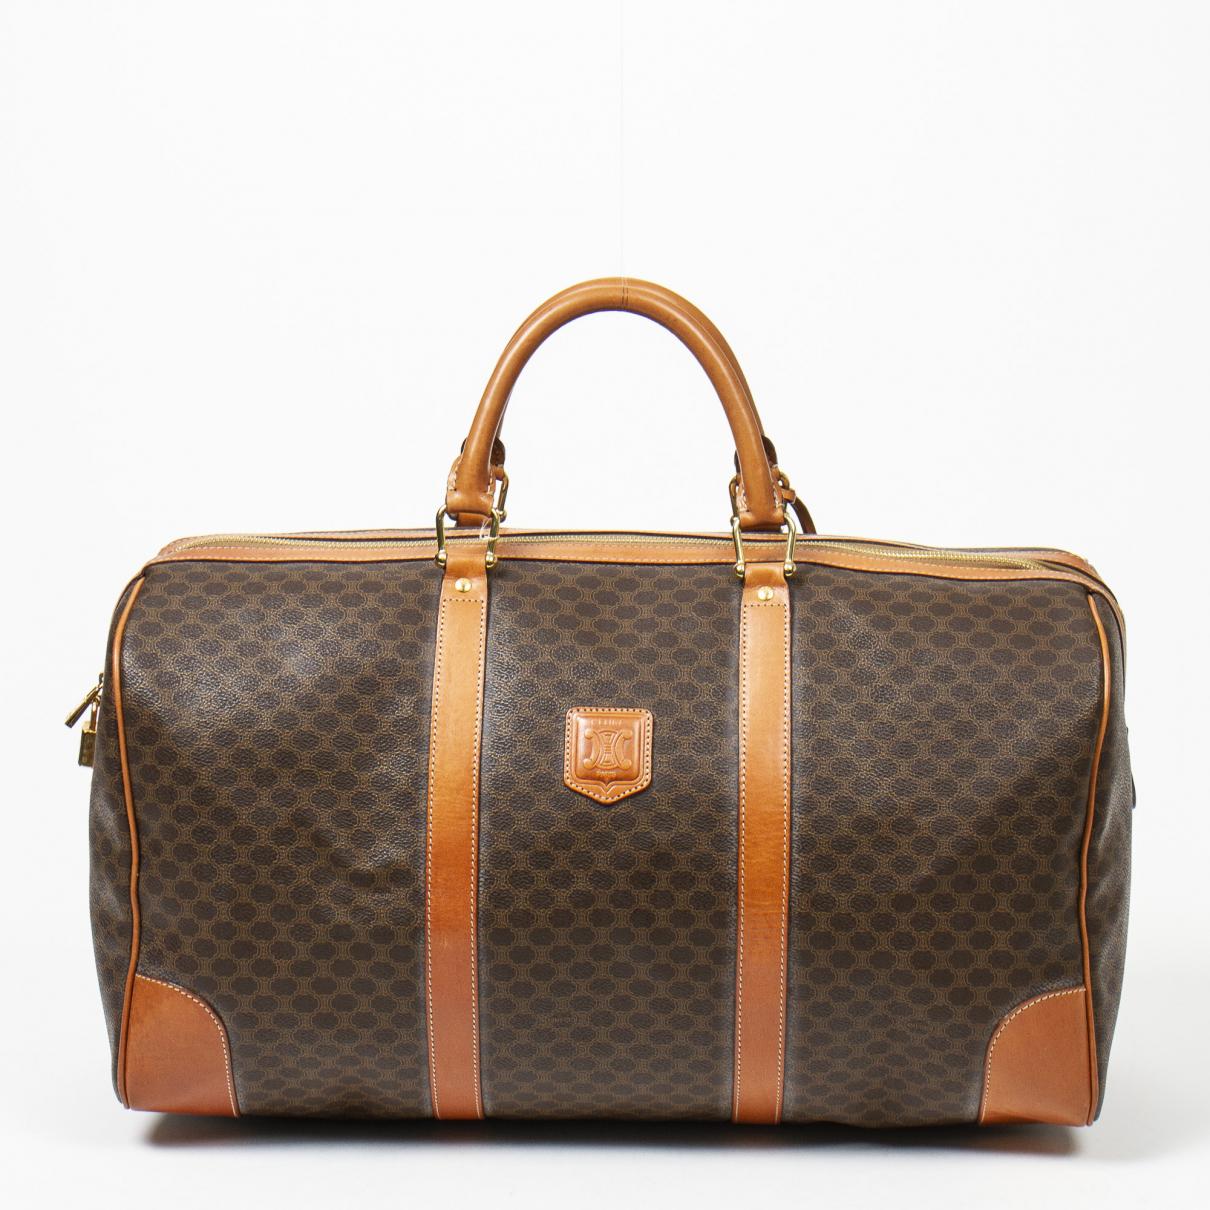 Celine \N Brown Leather handbag for Women \N